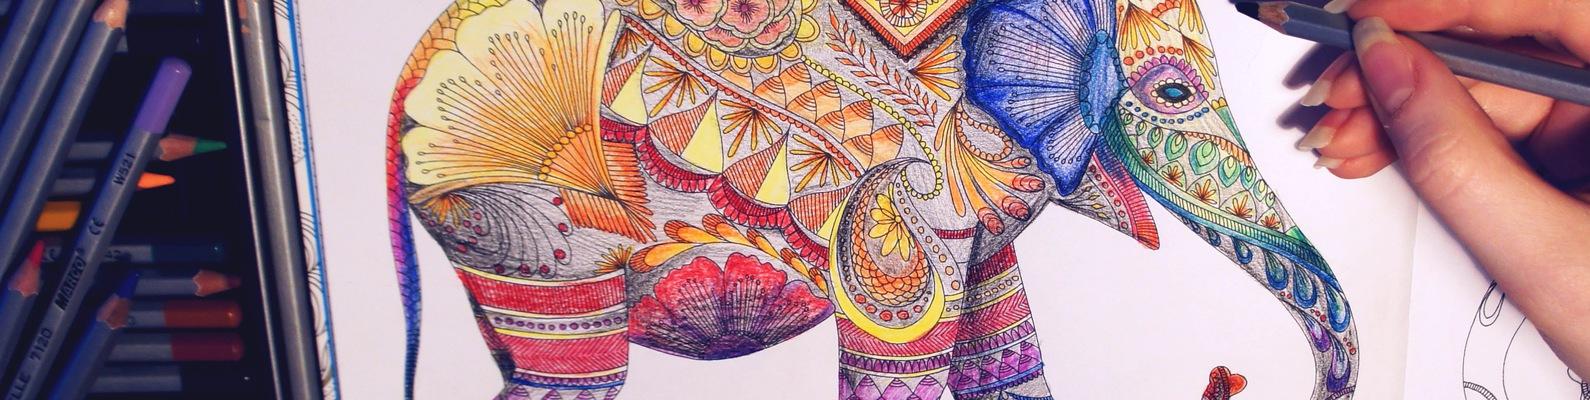 ИнХобби Картины по номерам Раскраски-антистресс | ВКонтакте